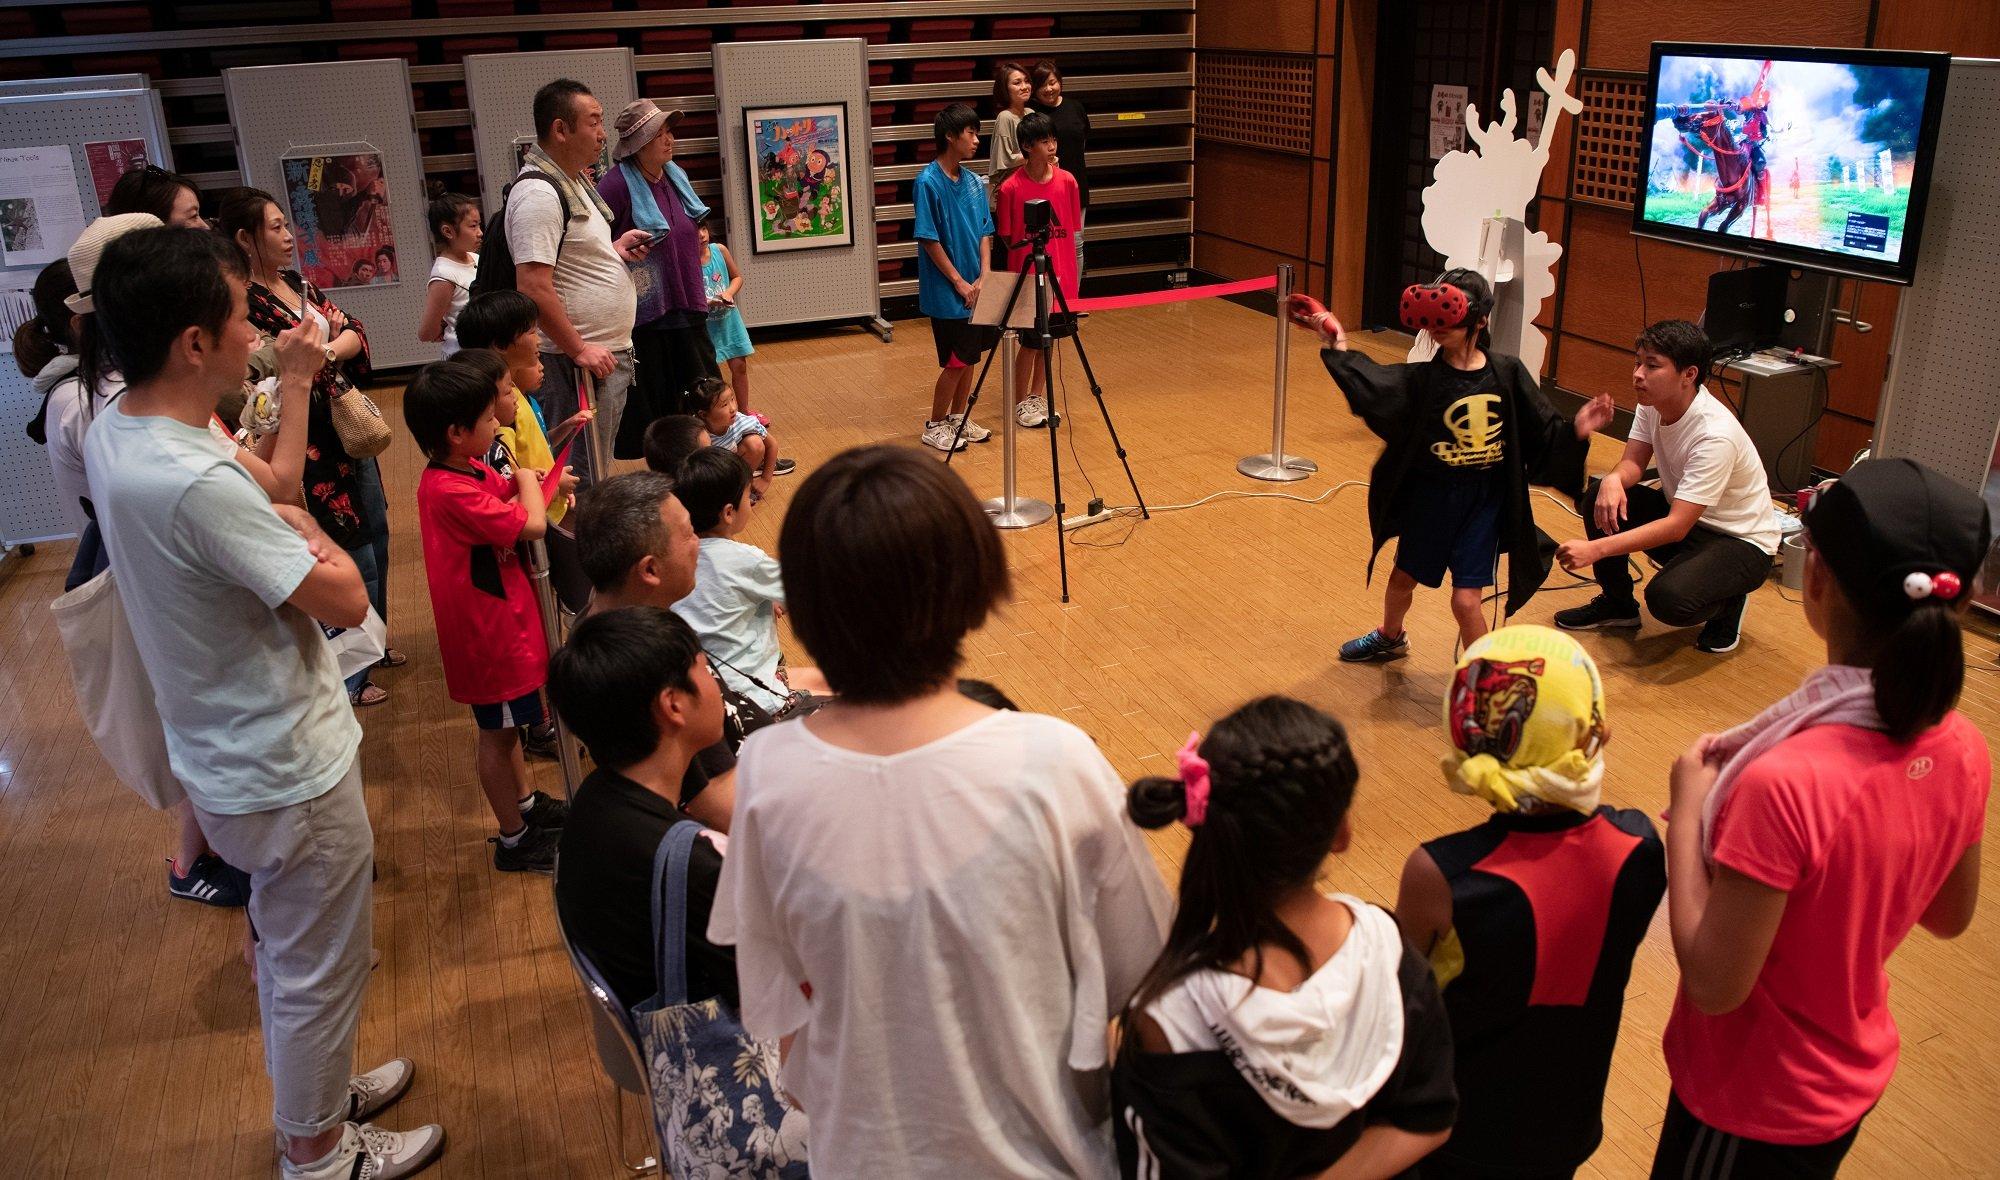 【6月25日】岩櫃真田忍者ミュージアム「にんぱく」子ども(小学生)のイメージその1